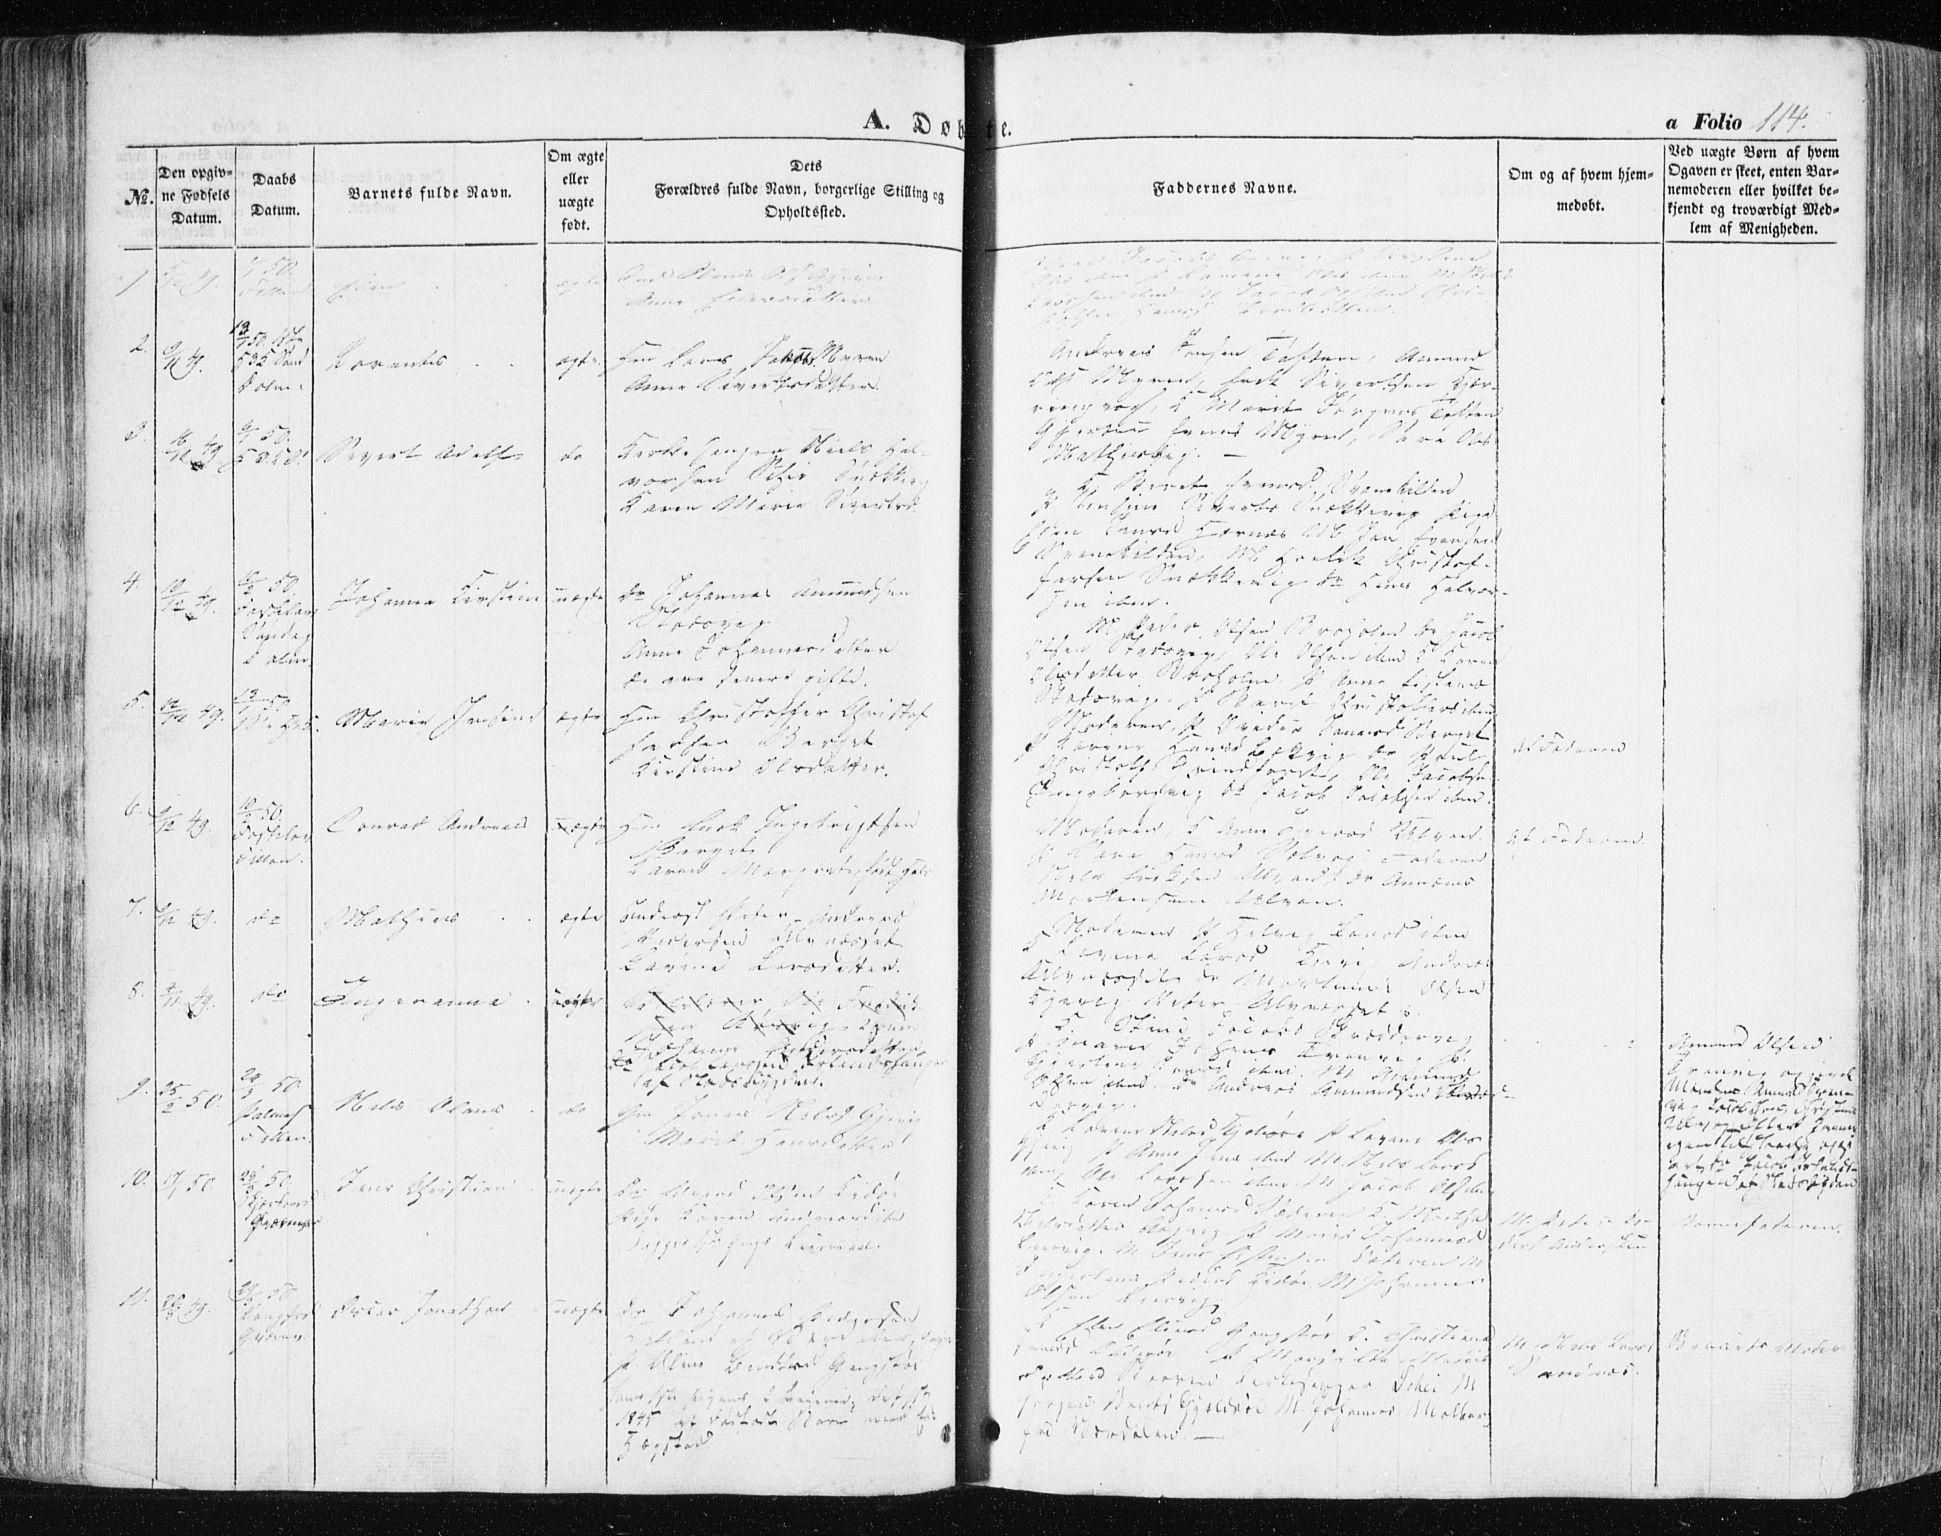 SAT, Ministerialprotokoller, klokkerbøker og fødselsregistre - Sør-Trøndelag, 634/L0529: Ministerialbok nr. 634A05, 1843-1851, s. 114